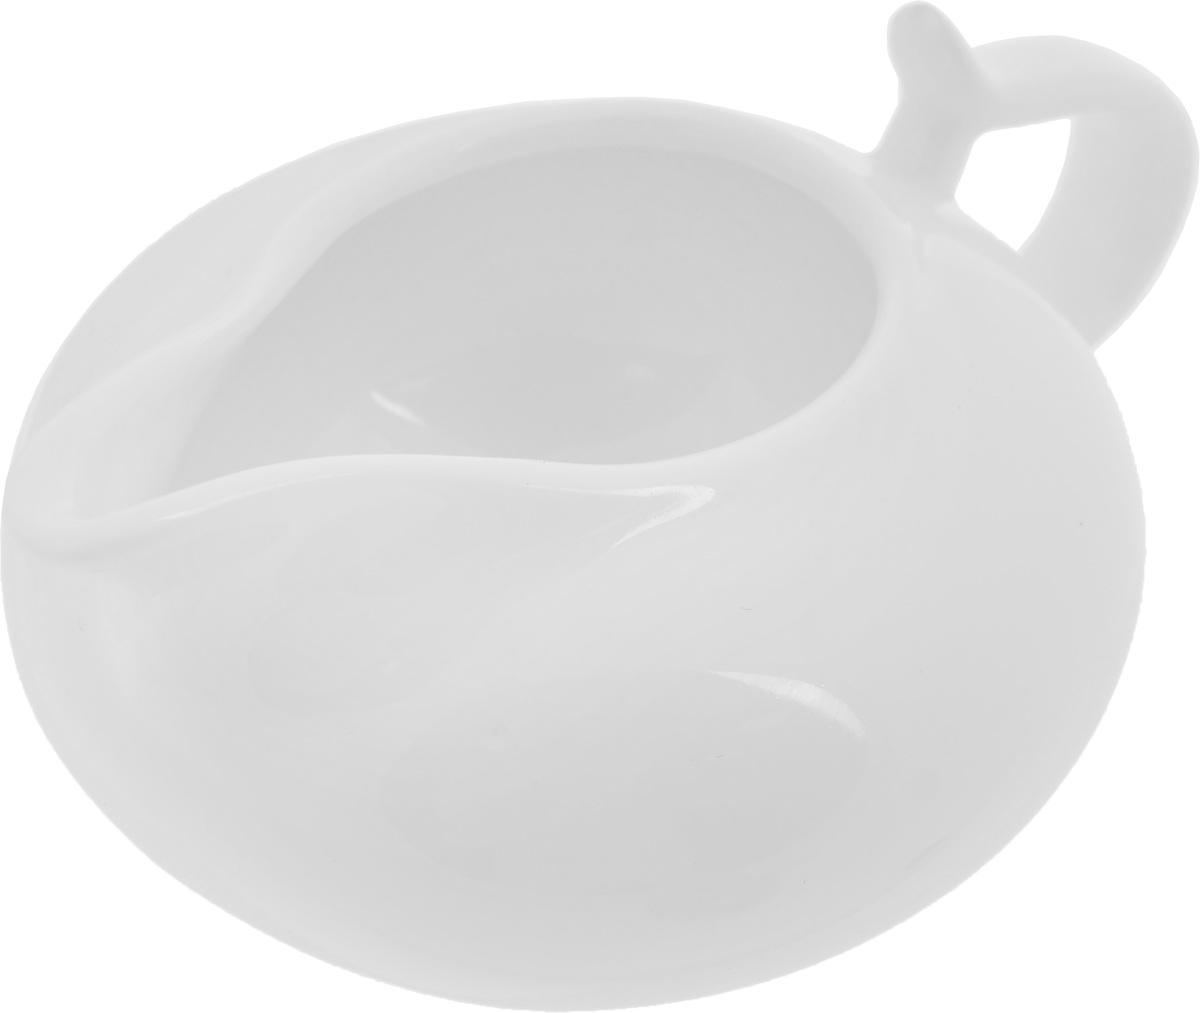 Молочник Wilmax, 250 мл. WL-995022 / 1CWL-995022 / 1CЭлегантный молочник Wilmax, выполненный из высококачественного фарфора с глазурованным покрытием, предназначен для подачи сливок, соуса и молока. Изящный, но в тоже время простой дизайн молочника, станет прекрасным украшением стола. Диаметр молочника по верхнему краю: 5 см. Диаметр основания: 5,7 см. Ширина молочника (с учетом ручки и носика): 14 см. Высота молочника: 6,5 см.